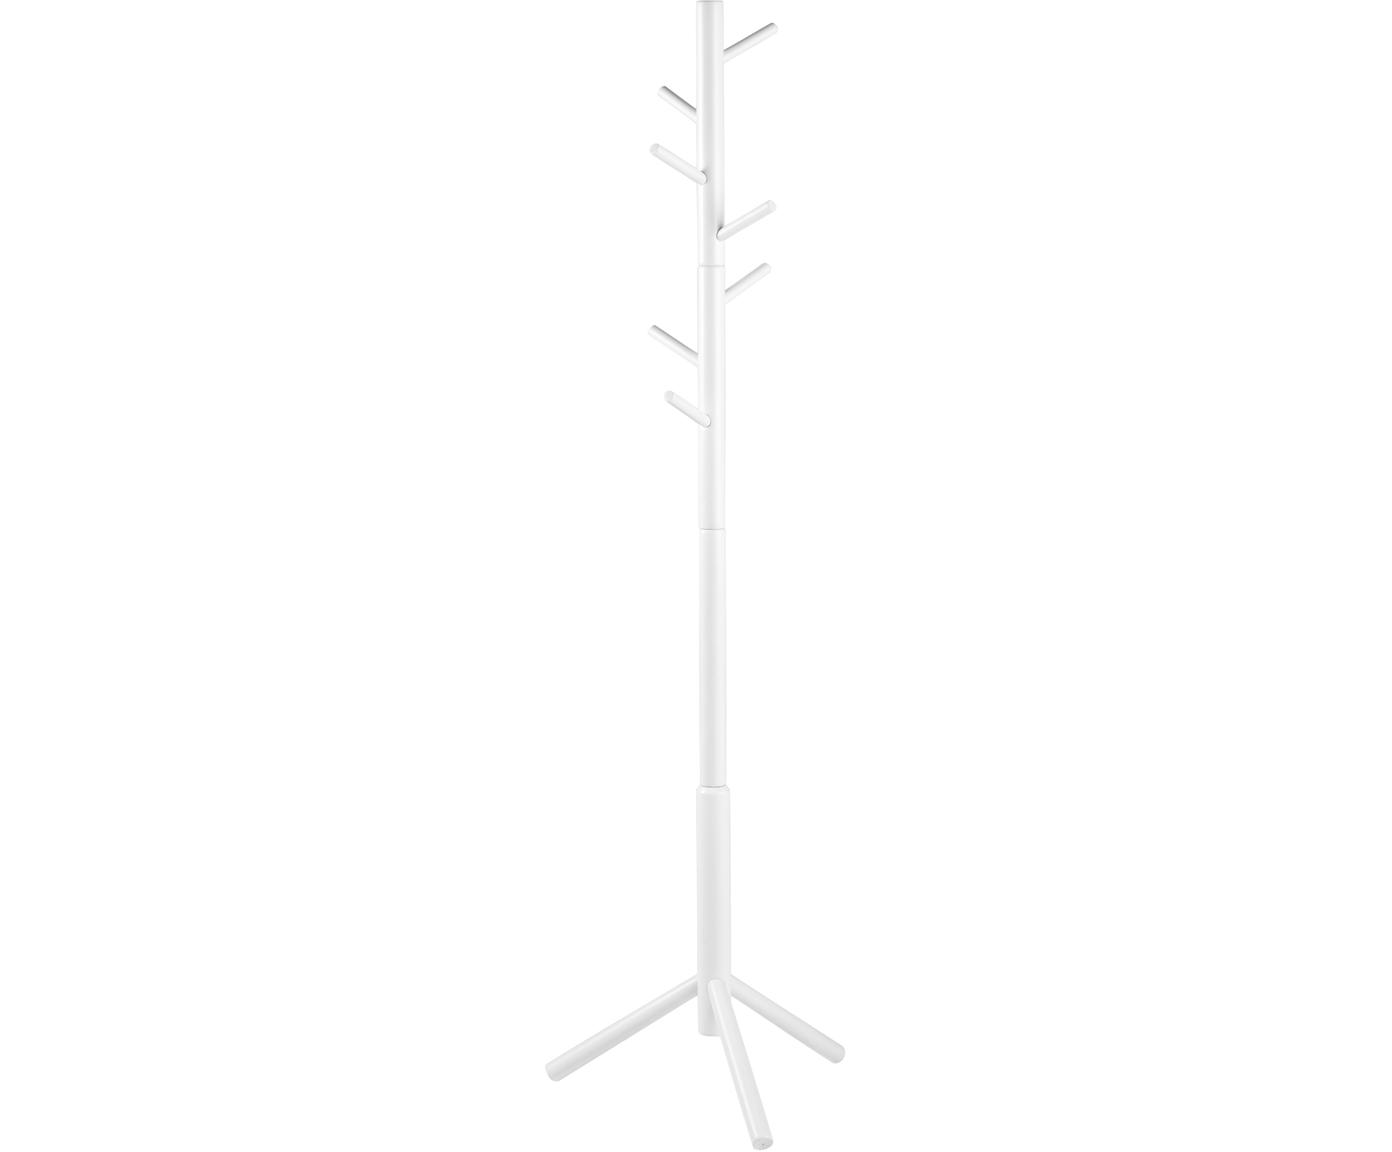 Wieszak stojący z drewna z 6 hakami Bremen, Drewno kauczukowe, lakierowany, Biały, S 51 x W 176 cm